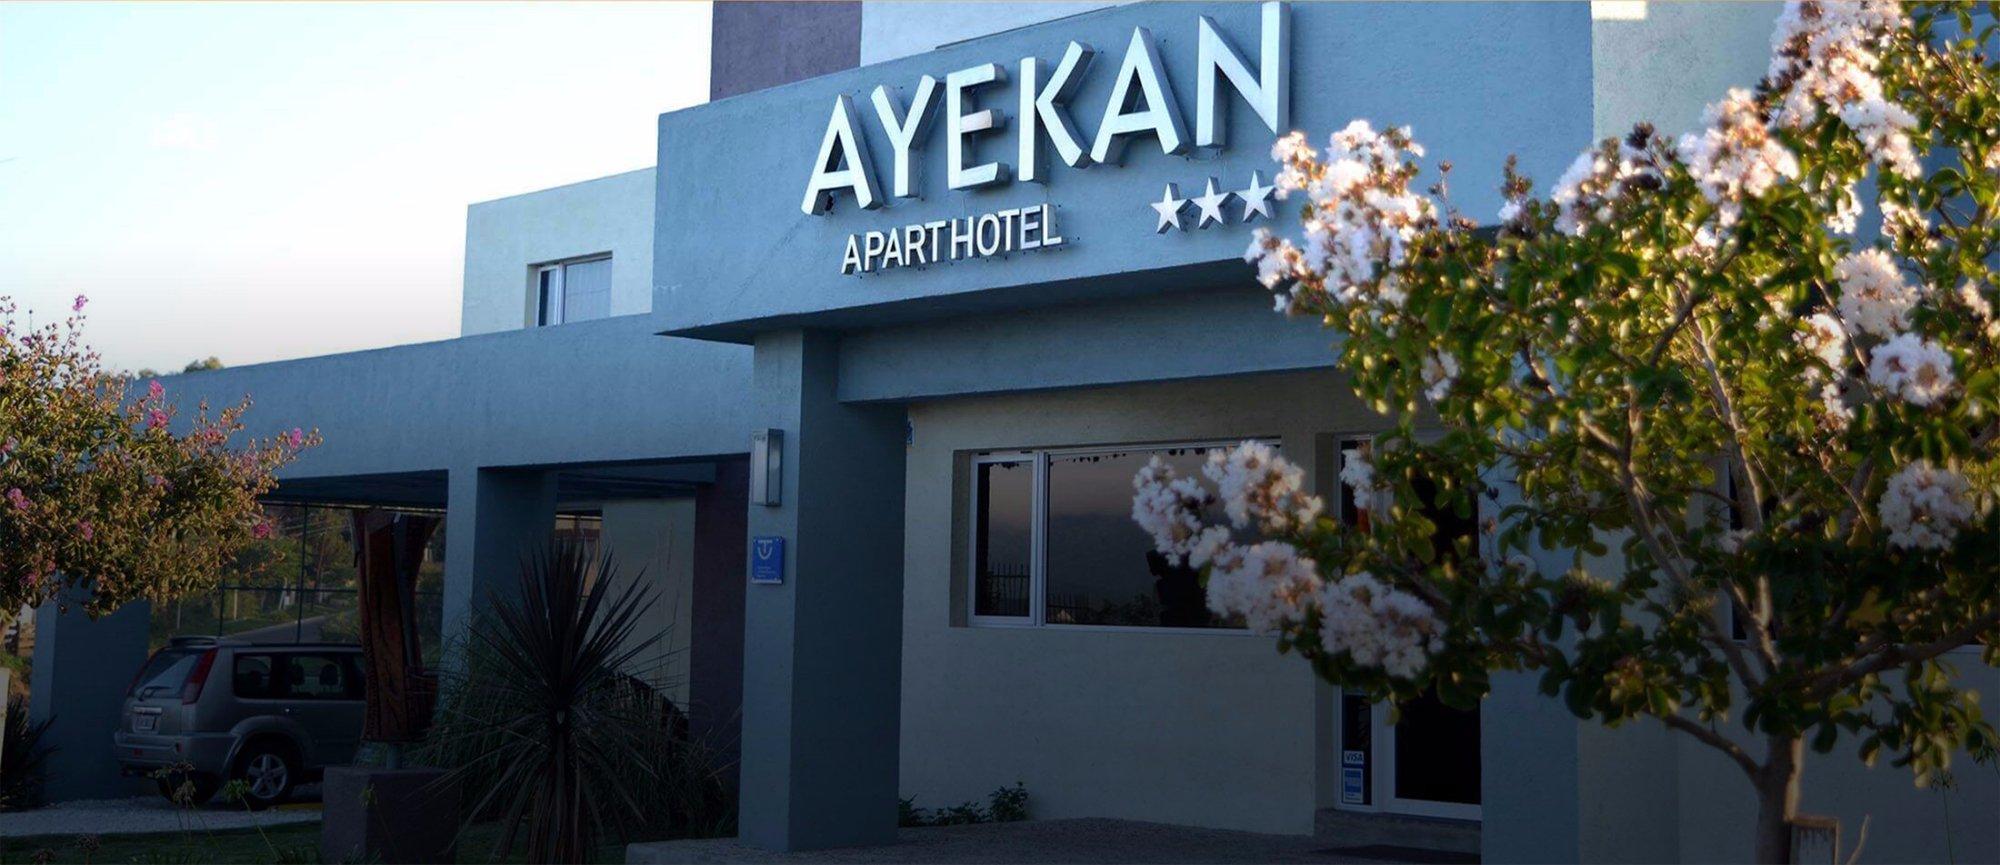 Ayekan Apart Hotel